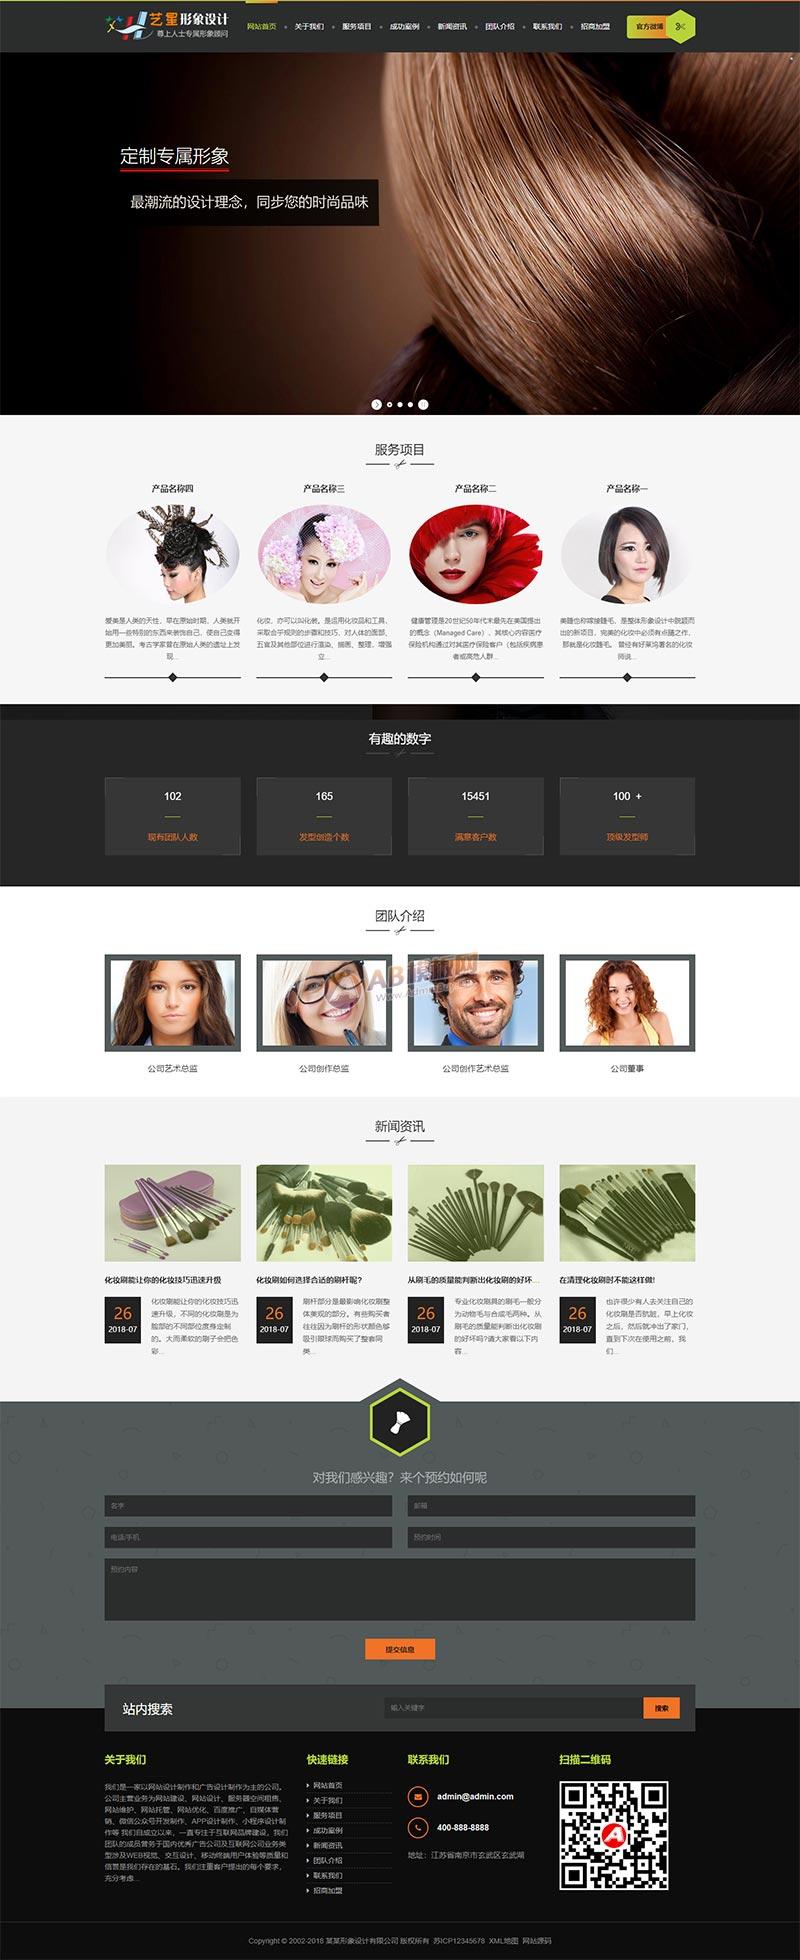 织梦模板-响应式发型形象设计美容美发网站源码 PC+手机端-图1